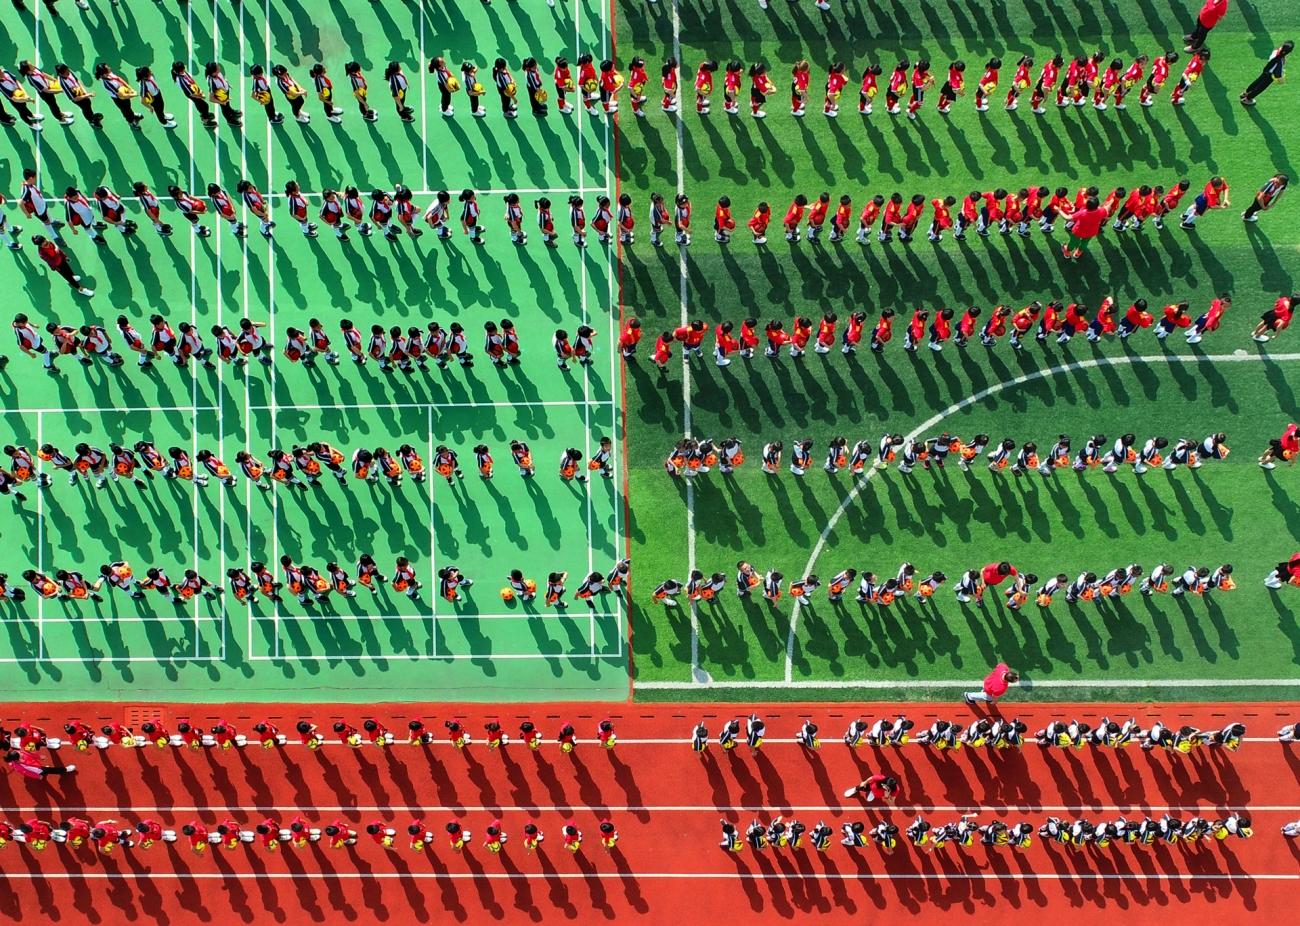 Segundo finalista. 'Deportistas bajo el sol' de Senrong Hu.